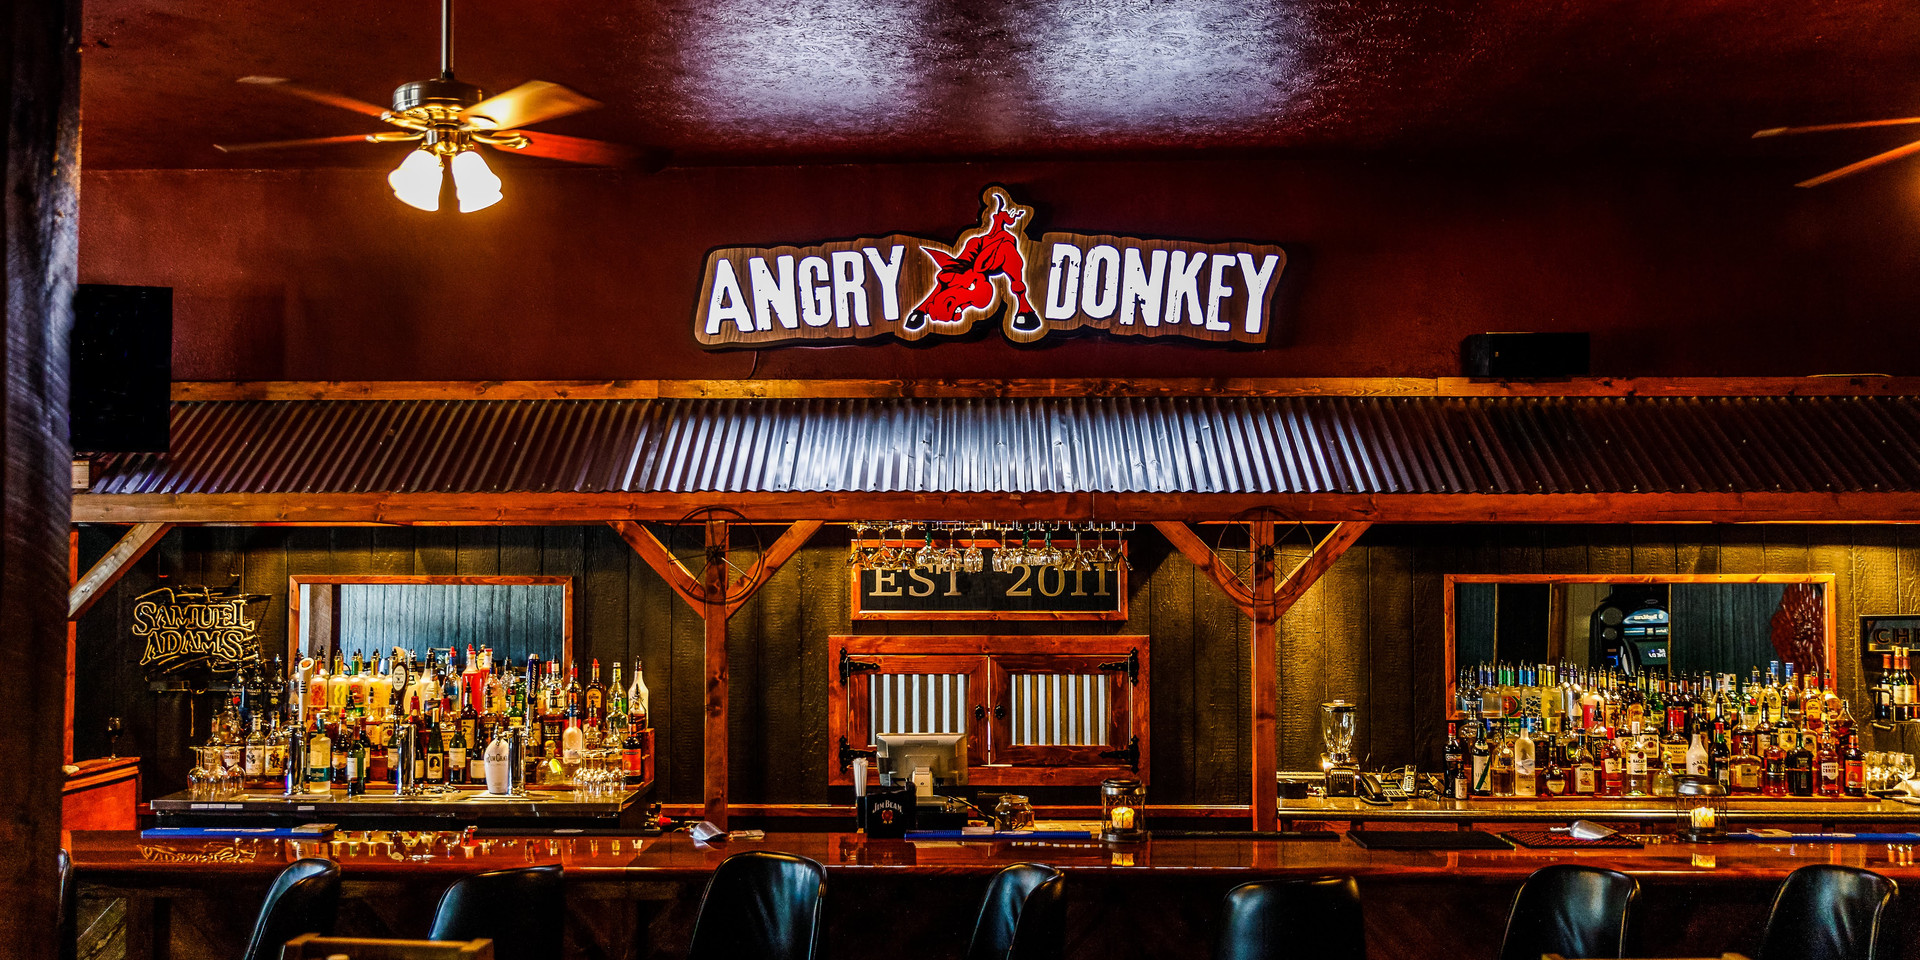 angrydonkey-35.jpg